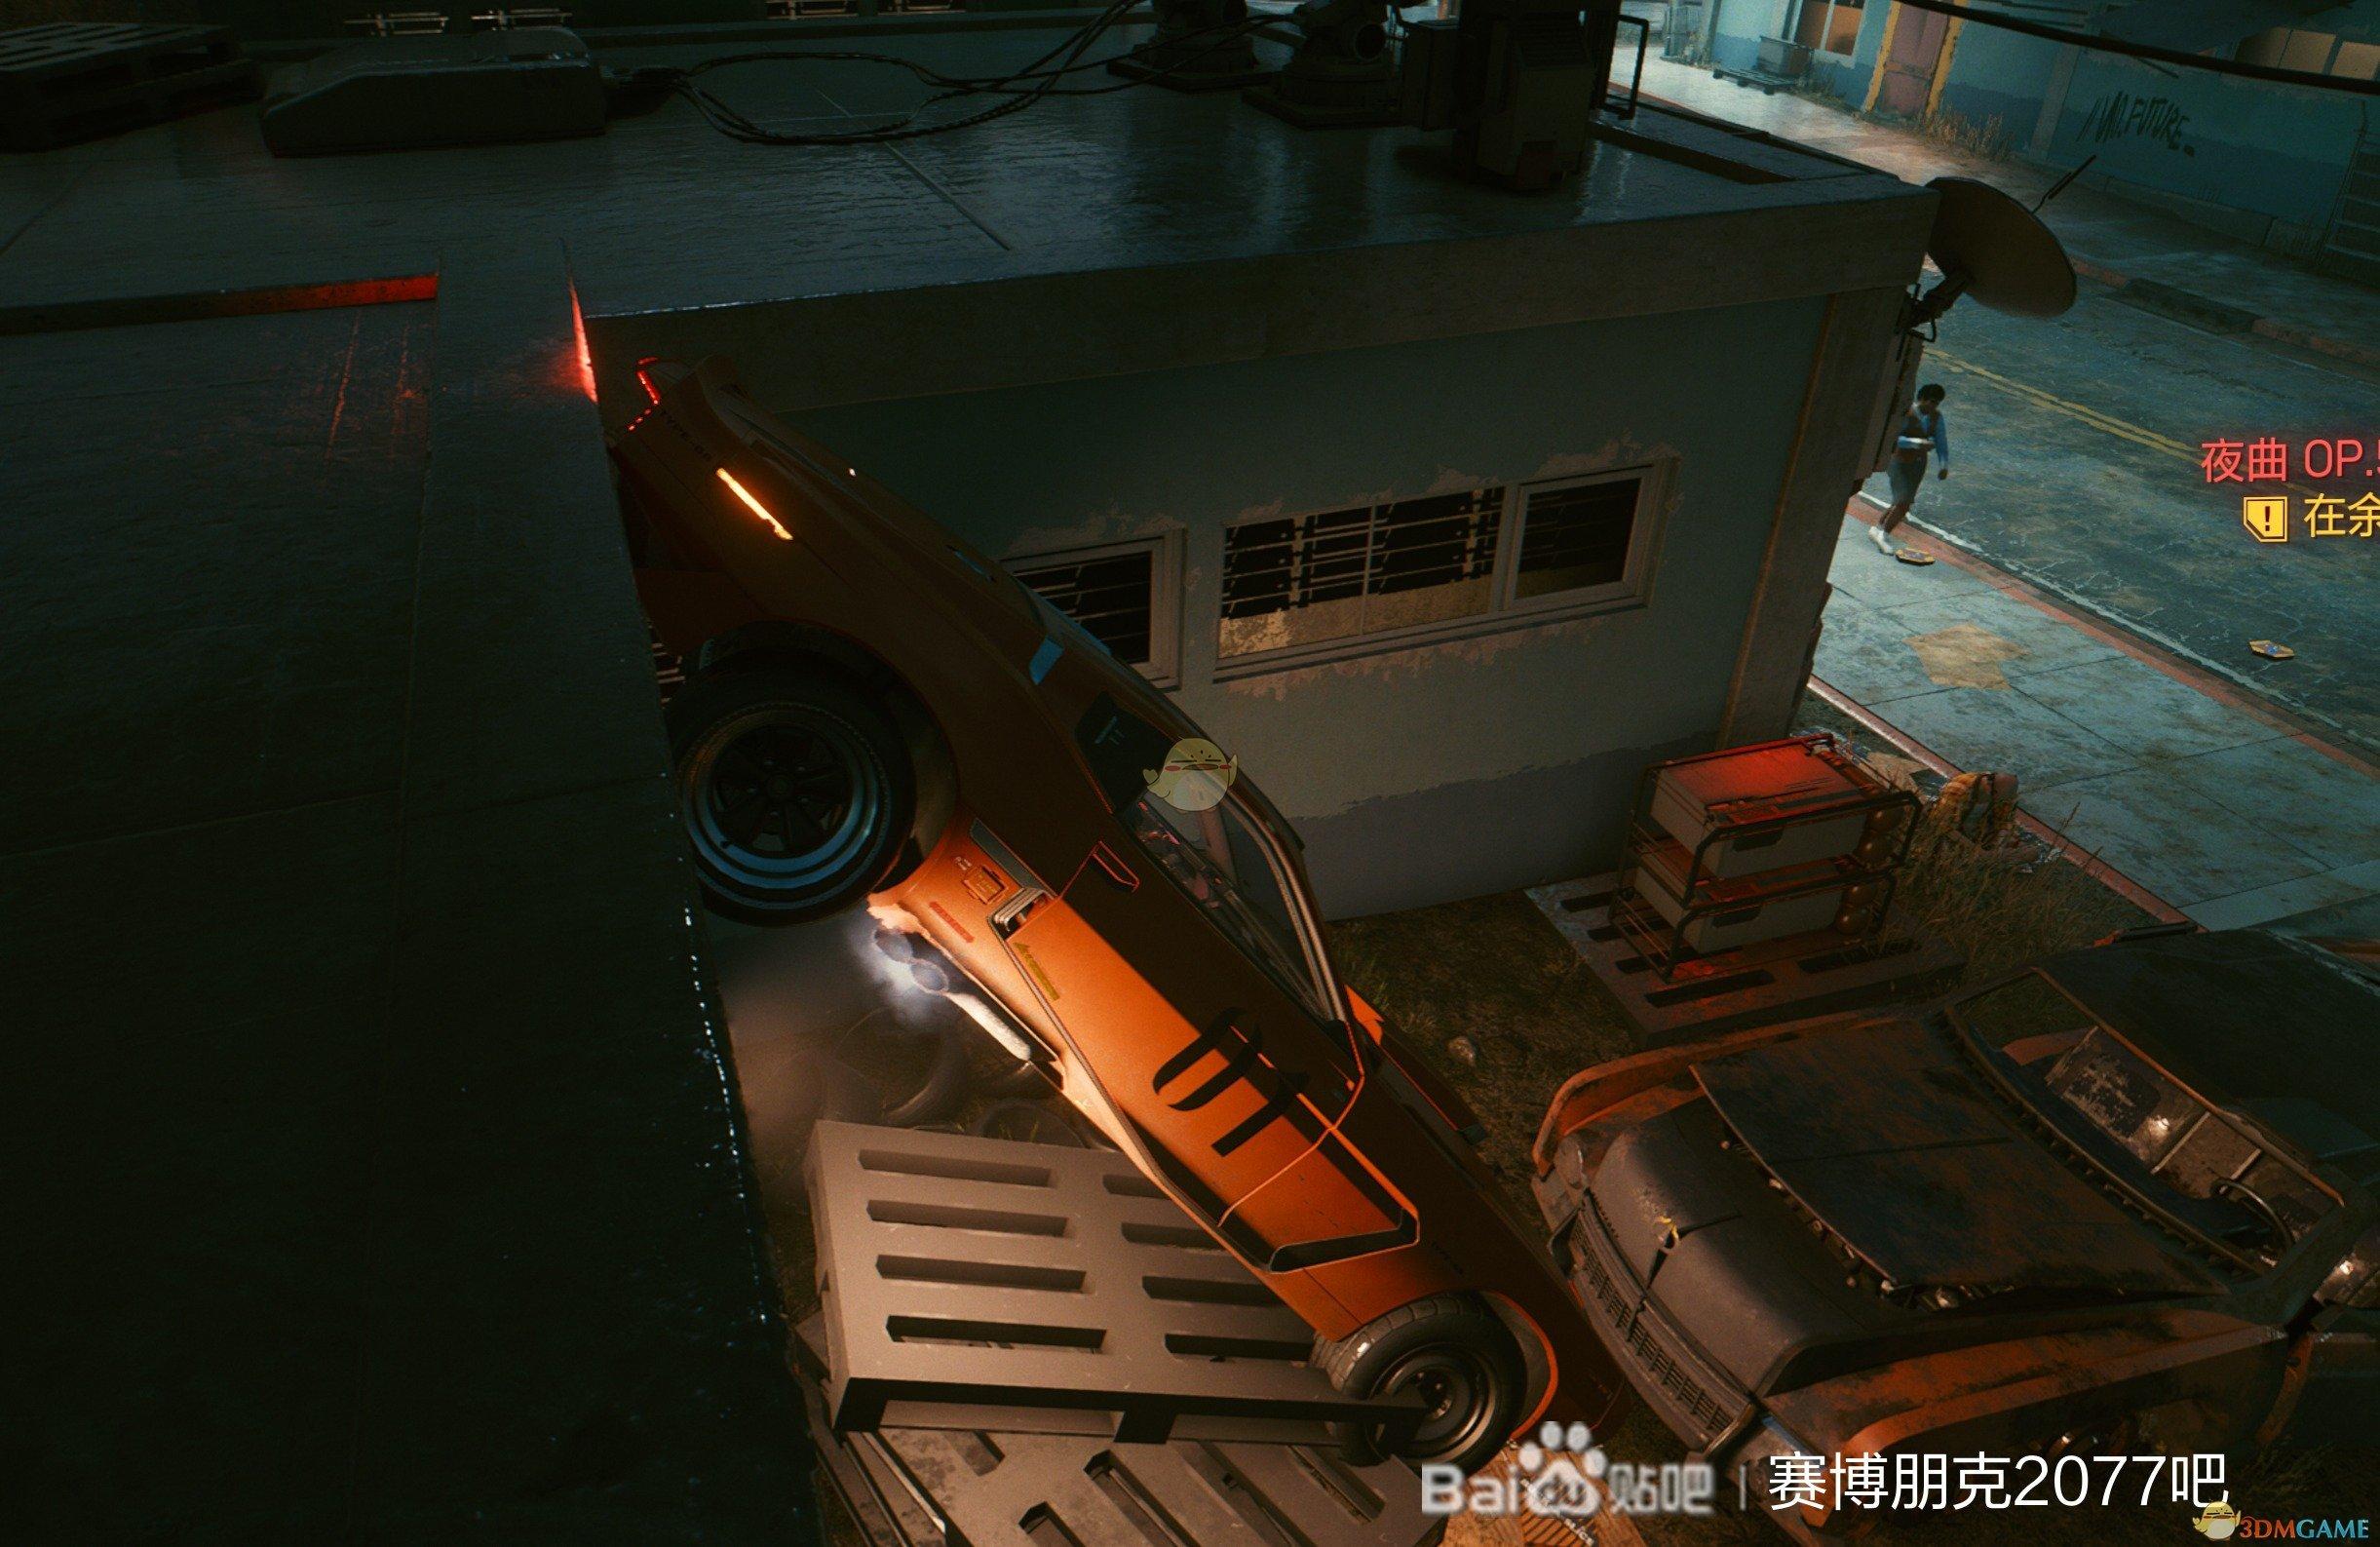 《赛博朋克2077》载具古德拉66式640TS评测